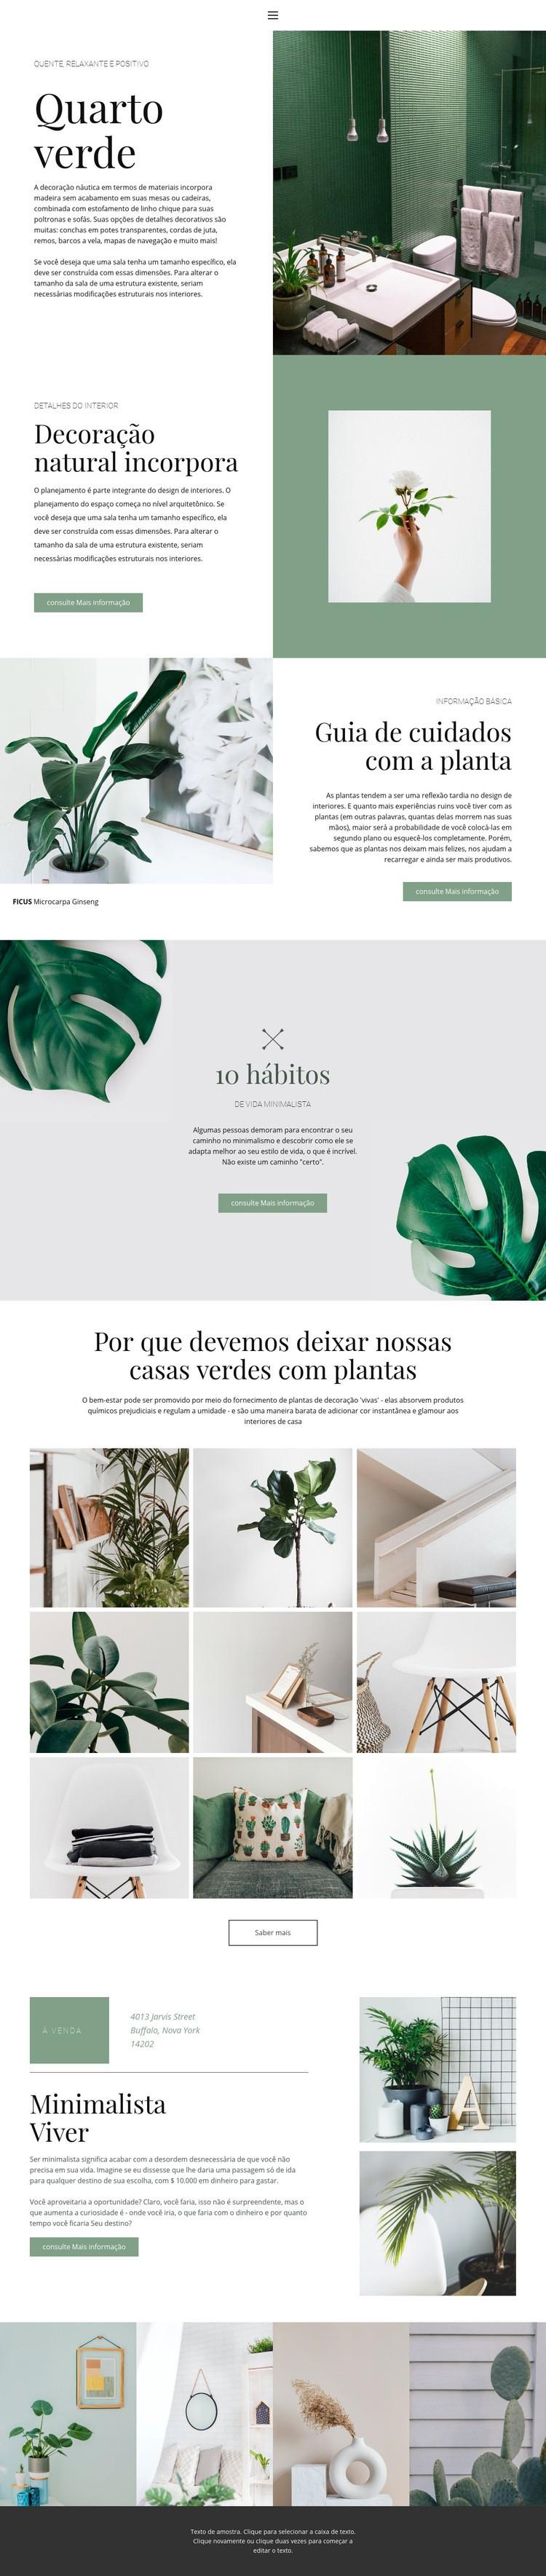 Detalhes verdes em casa Modelo de site